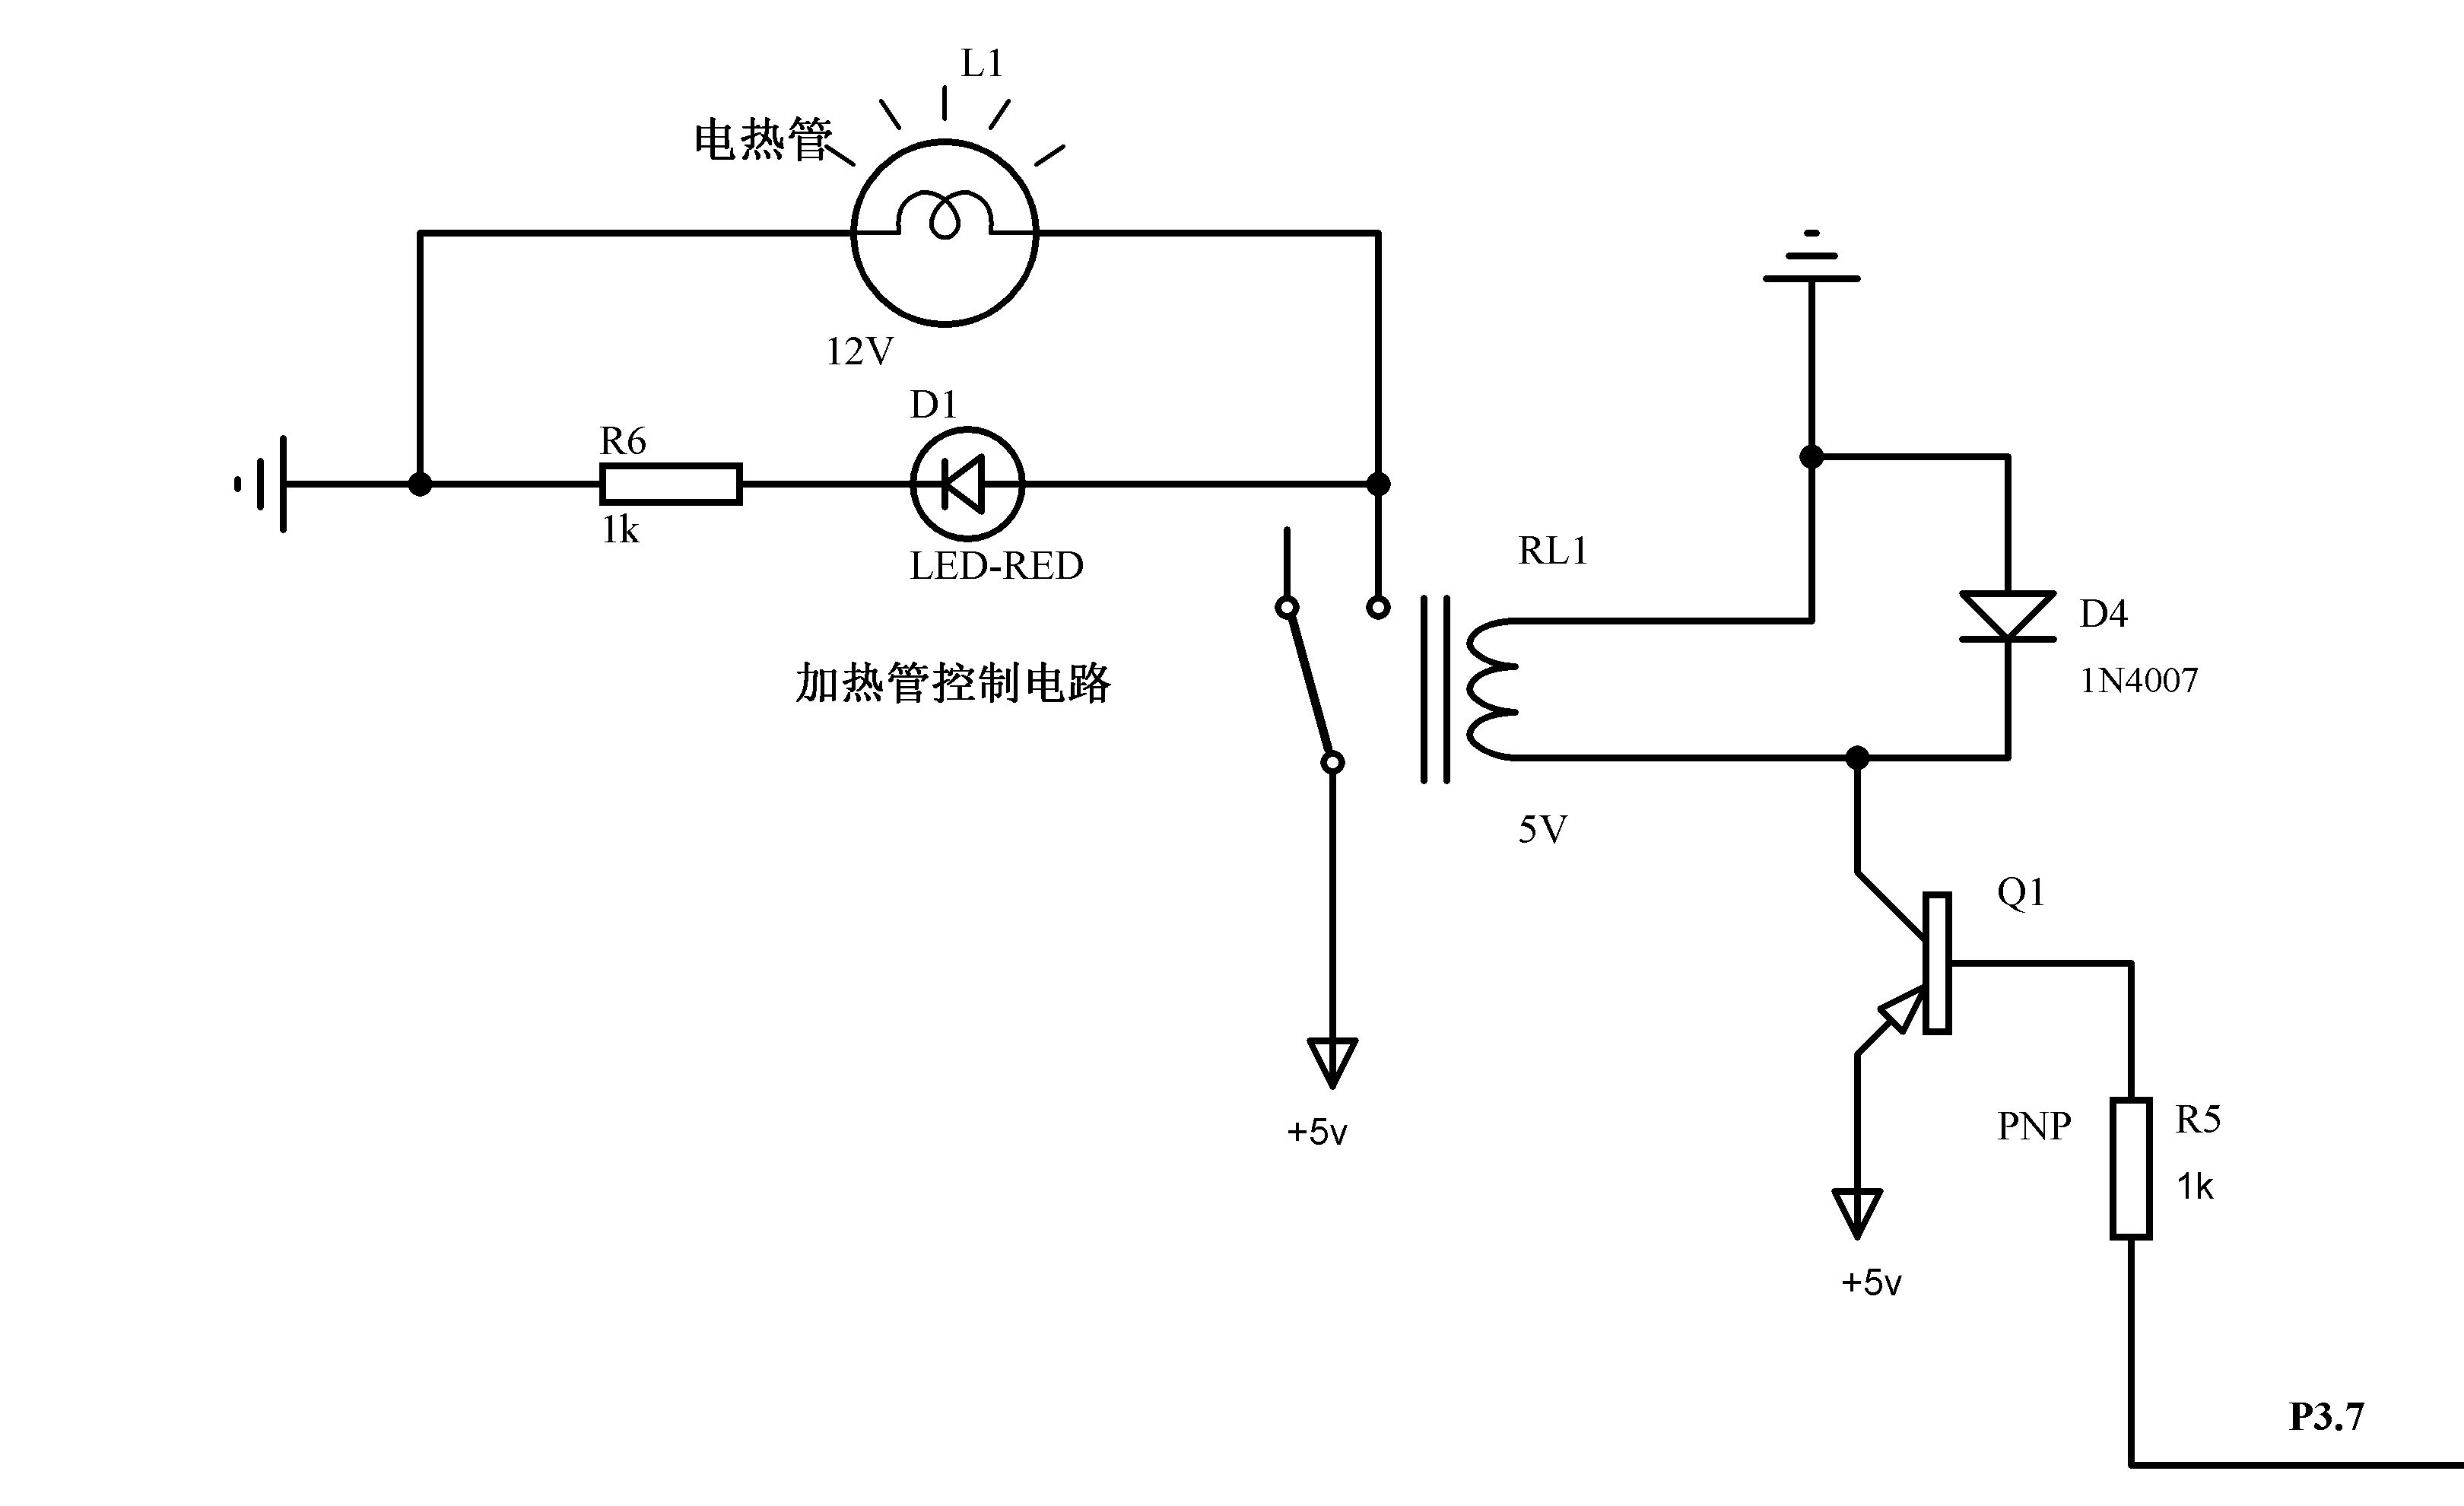 安然护心卡抬人的原理_最全面的传感器工作原理动图,很多人都说没见过